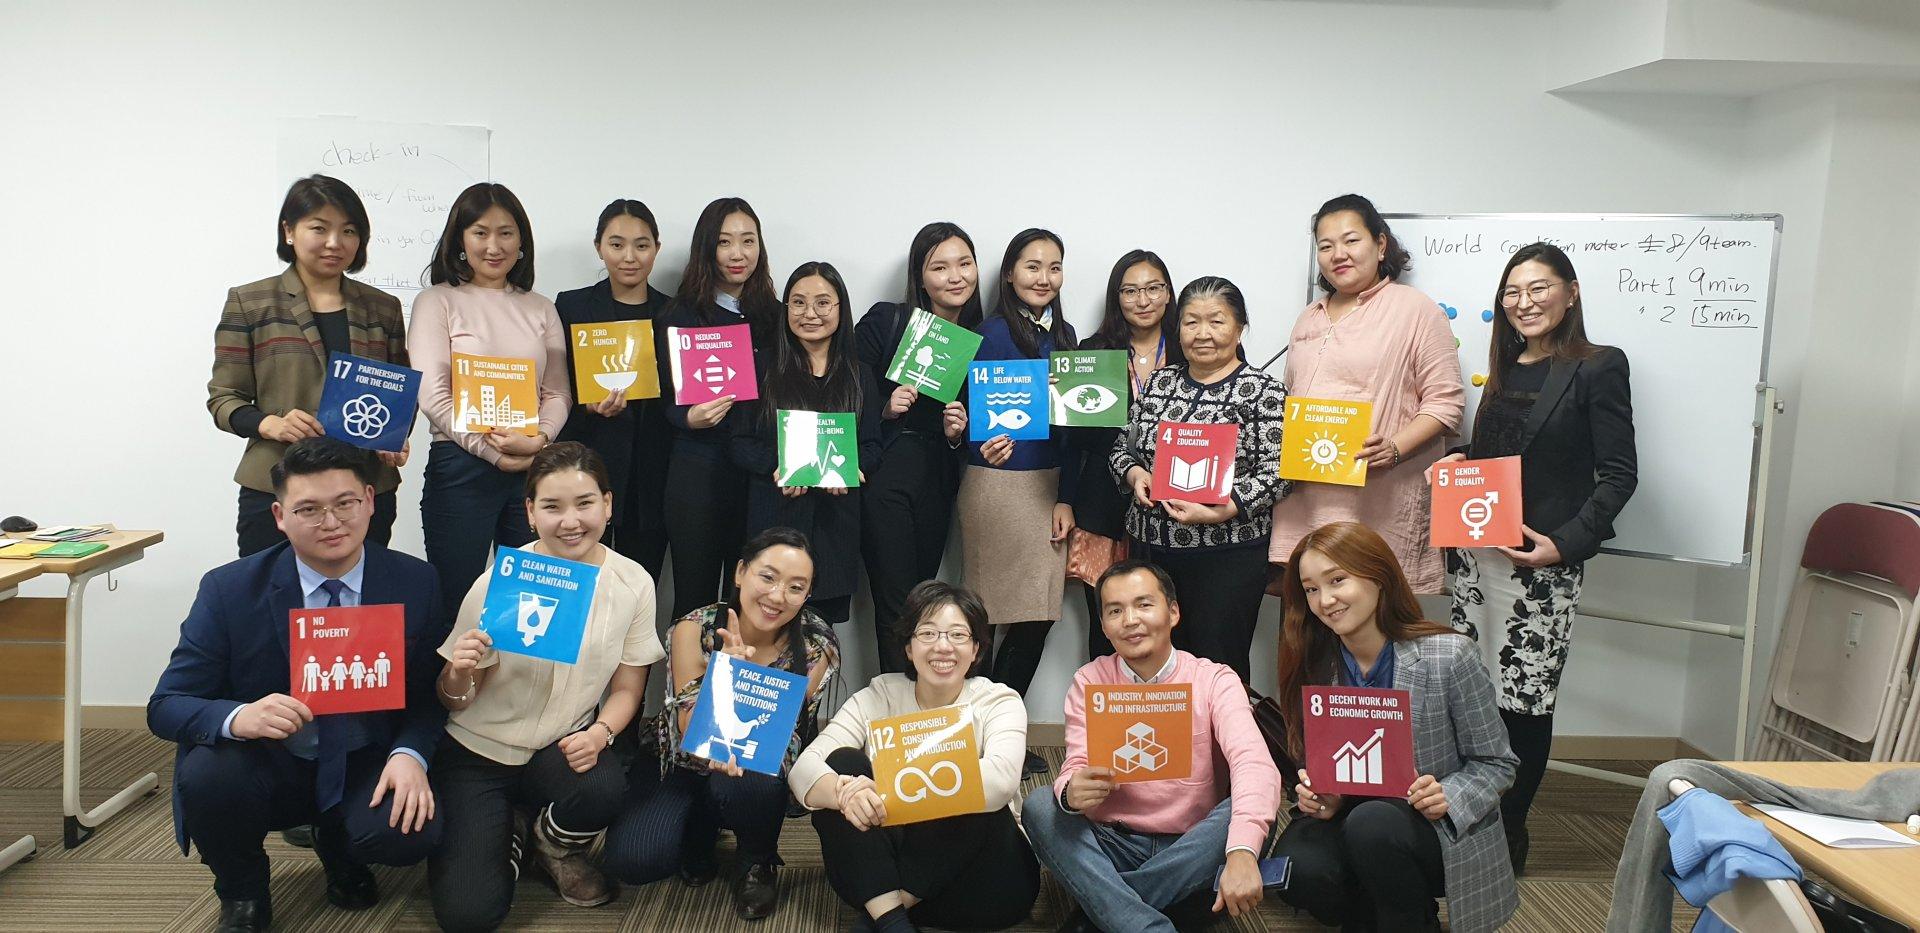 2030 SDG's GAME